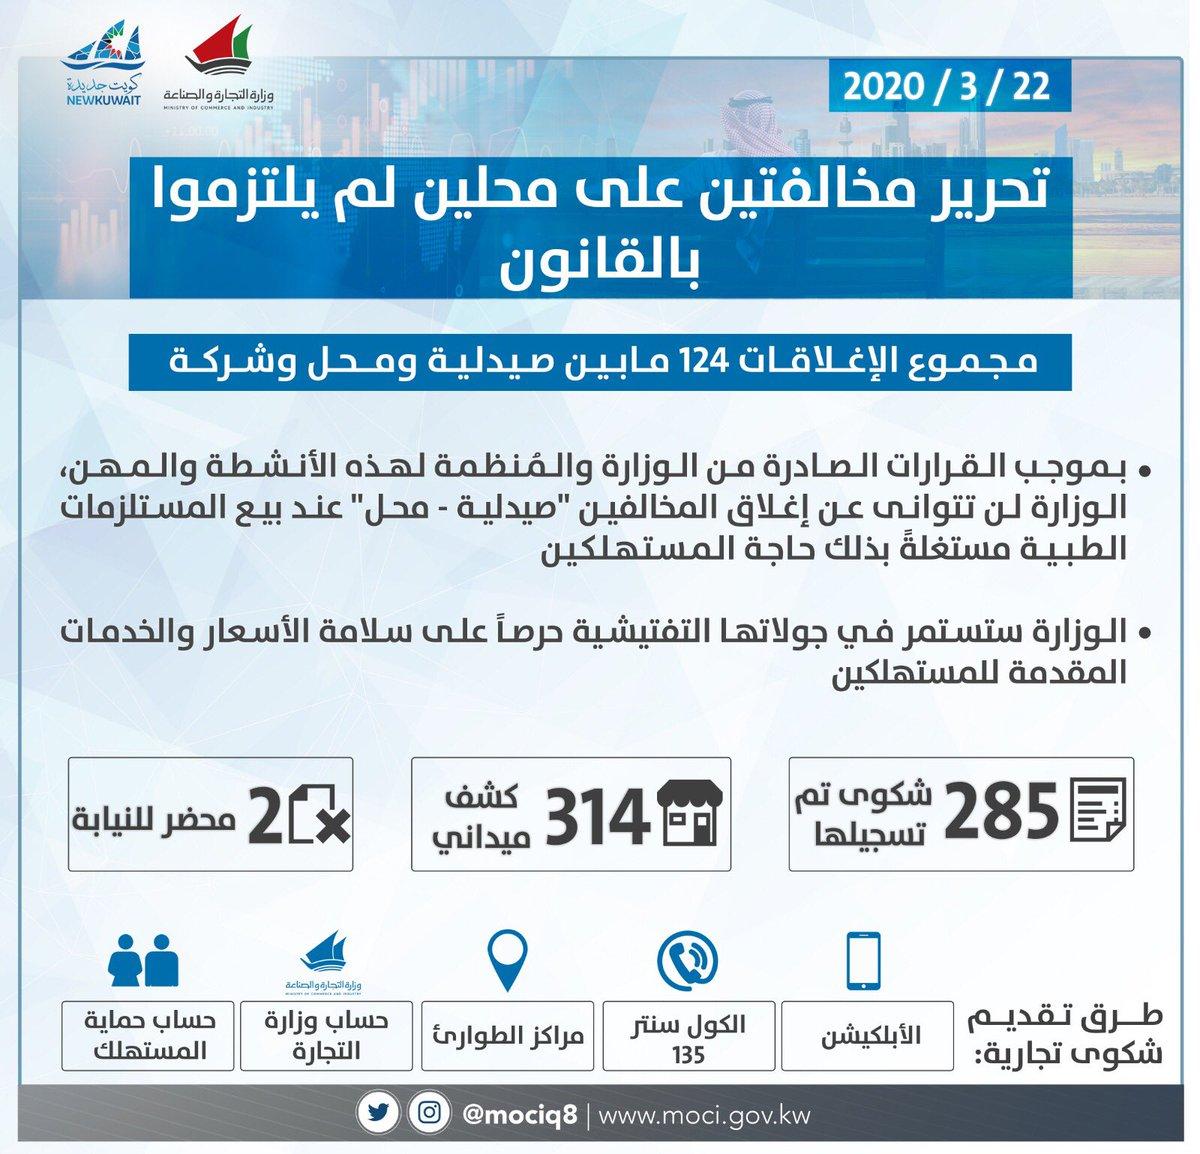 وزارة التجارة On Twitter إحصائية فريق الطوارئ أمس مخالفة محلين تدبير بلا تبذير